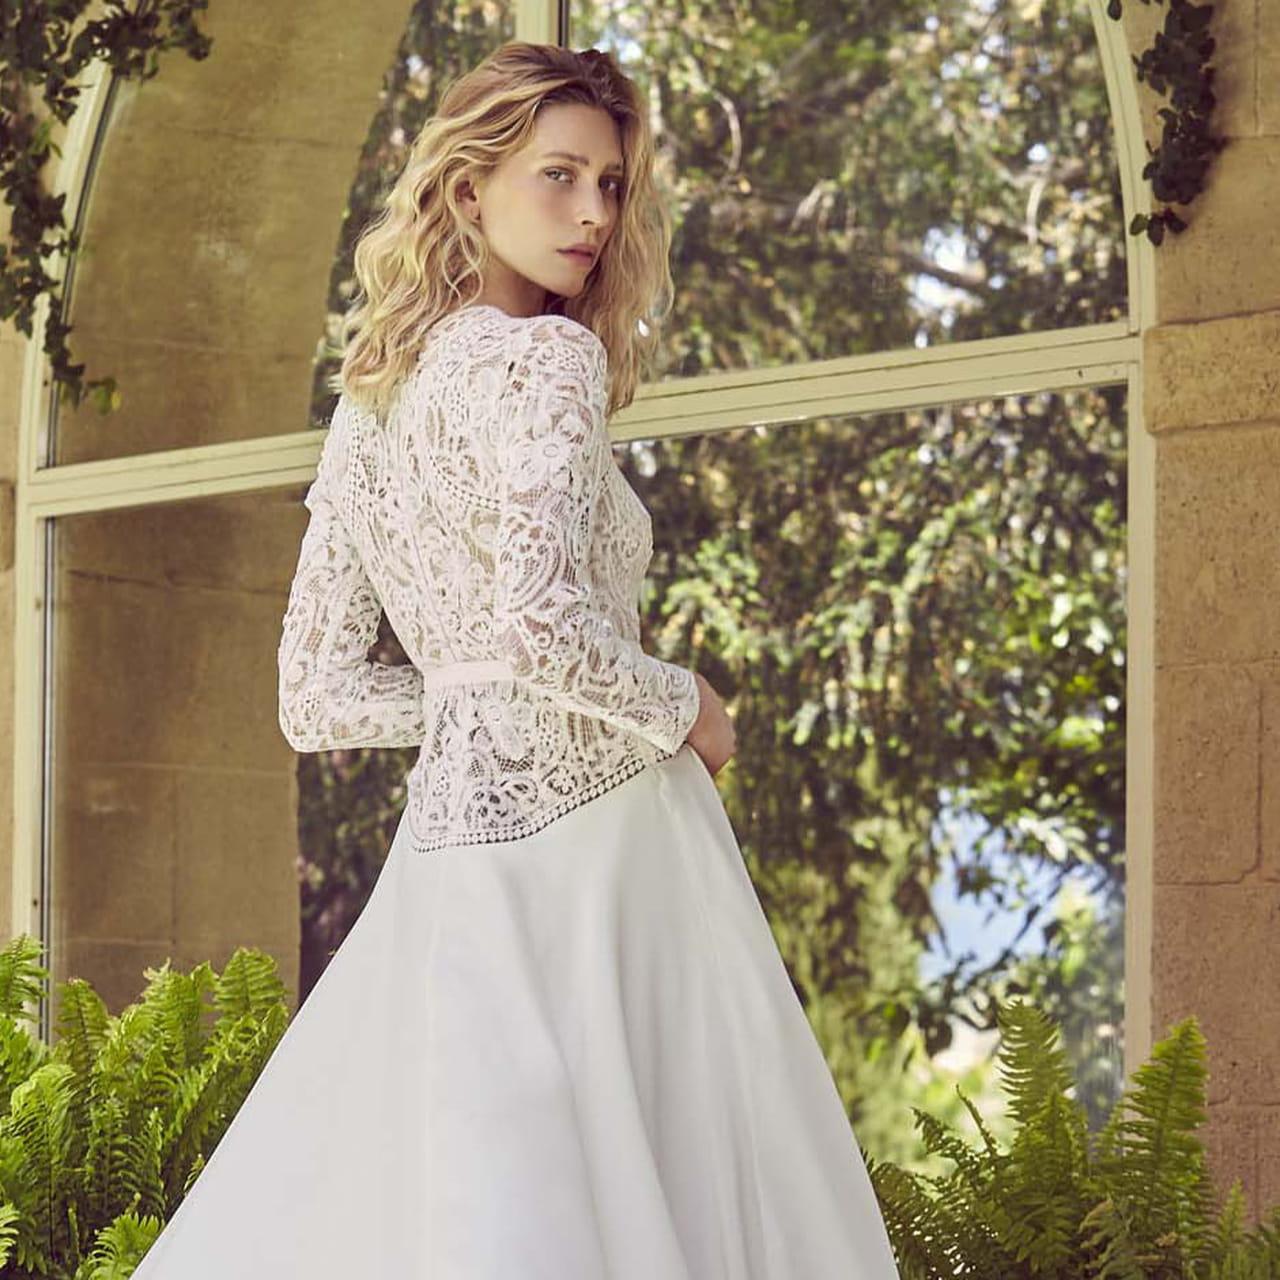 Belles Mariée Plus Robes 2020 Les De 2DIH9E